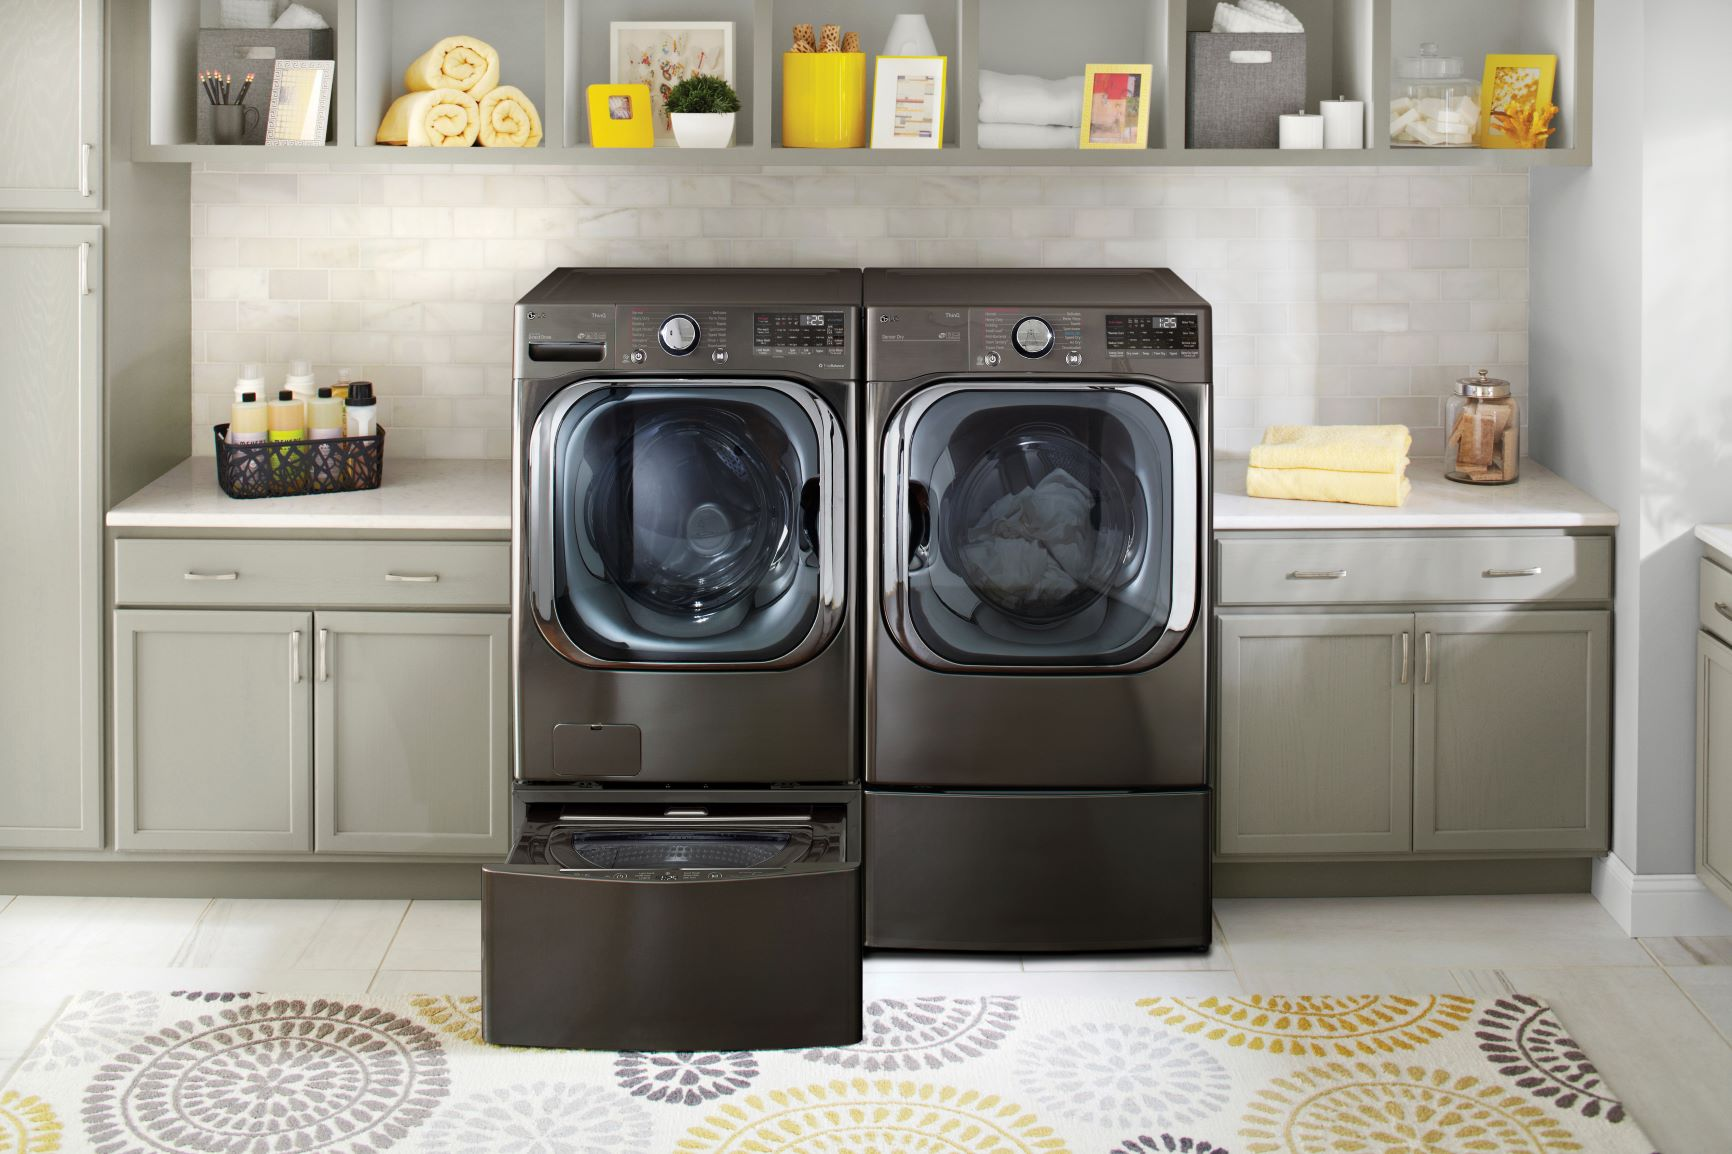 Η LG συστήνει τις νέες καινοτομίες στην πλύση με το νέας τεχνολογίας ΑΙ πλυντήριο ρούχων